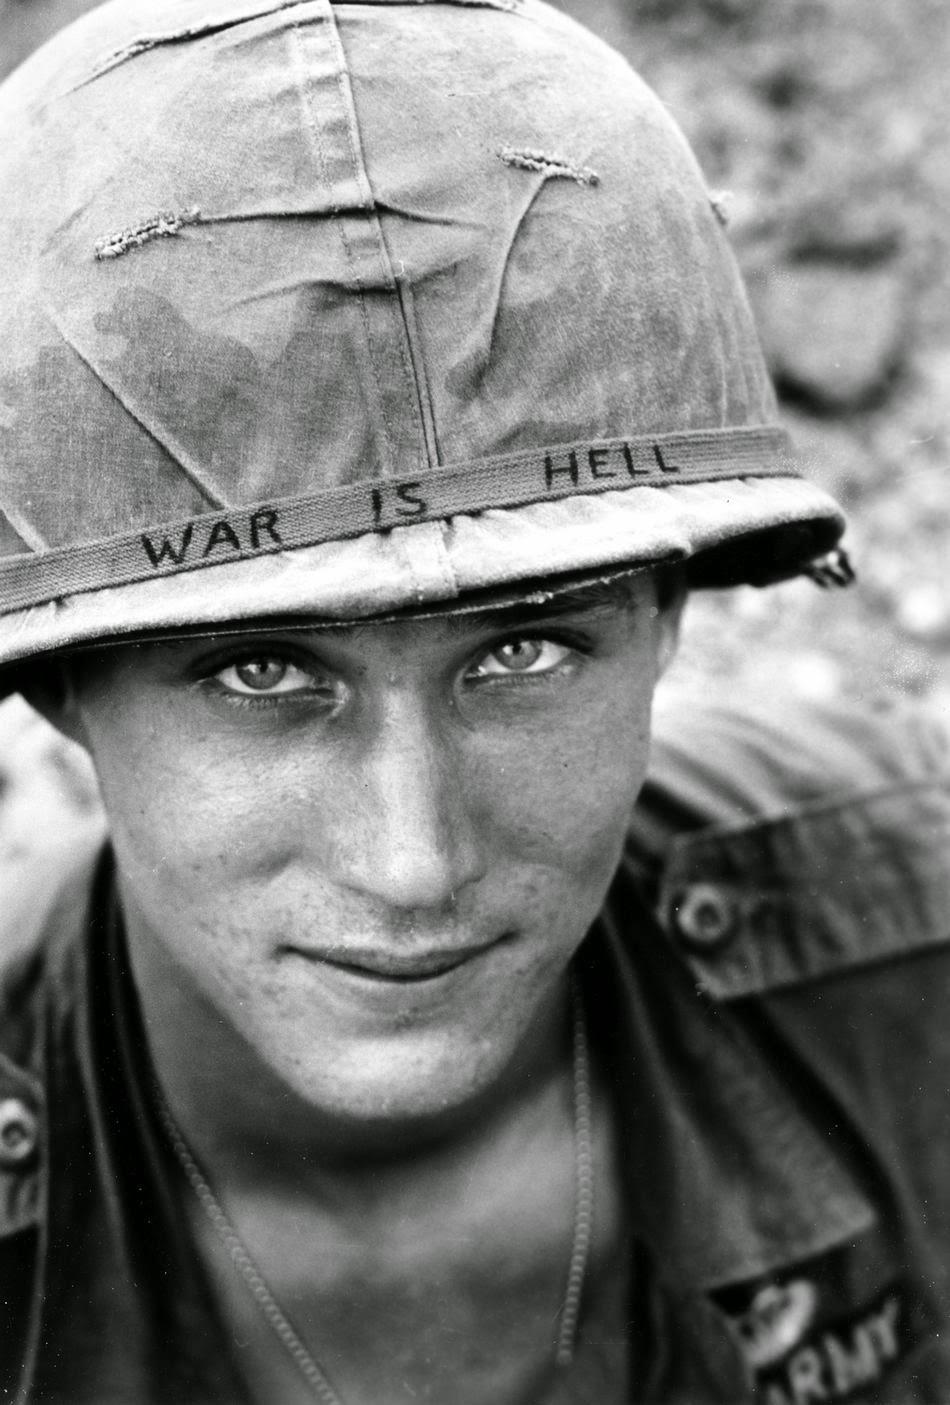 Durante la guerra de Vietnam, el 18 de junio de 1965, el miembro del Batallón de la Brigada Aerotransportada 173, Larry Wayne Chaffin, sonríe a la cámara.